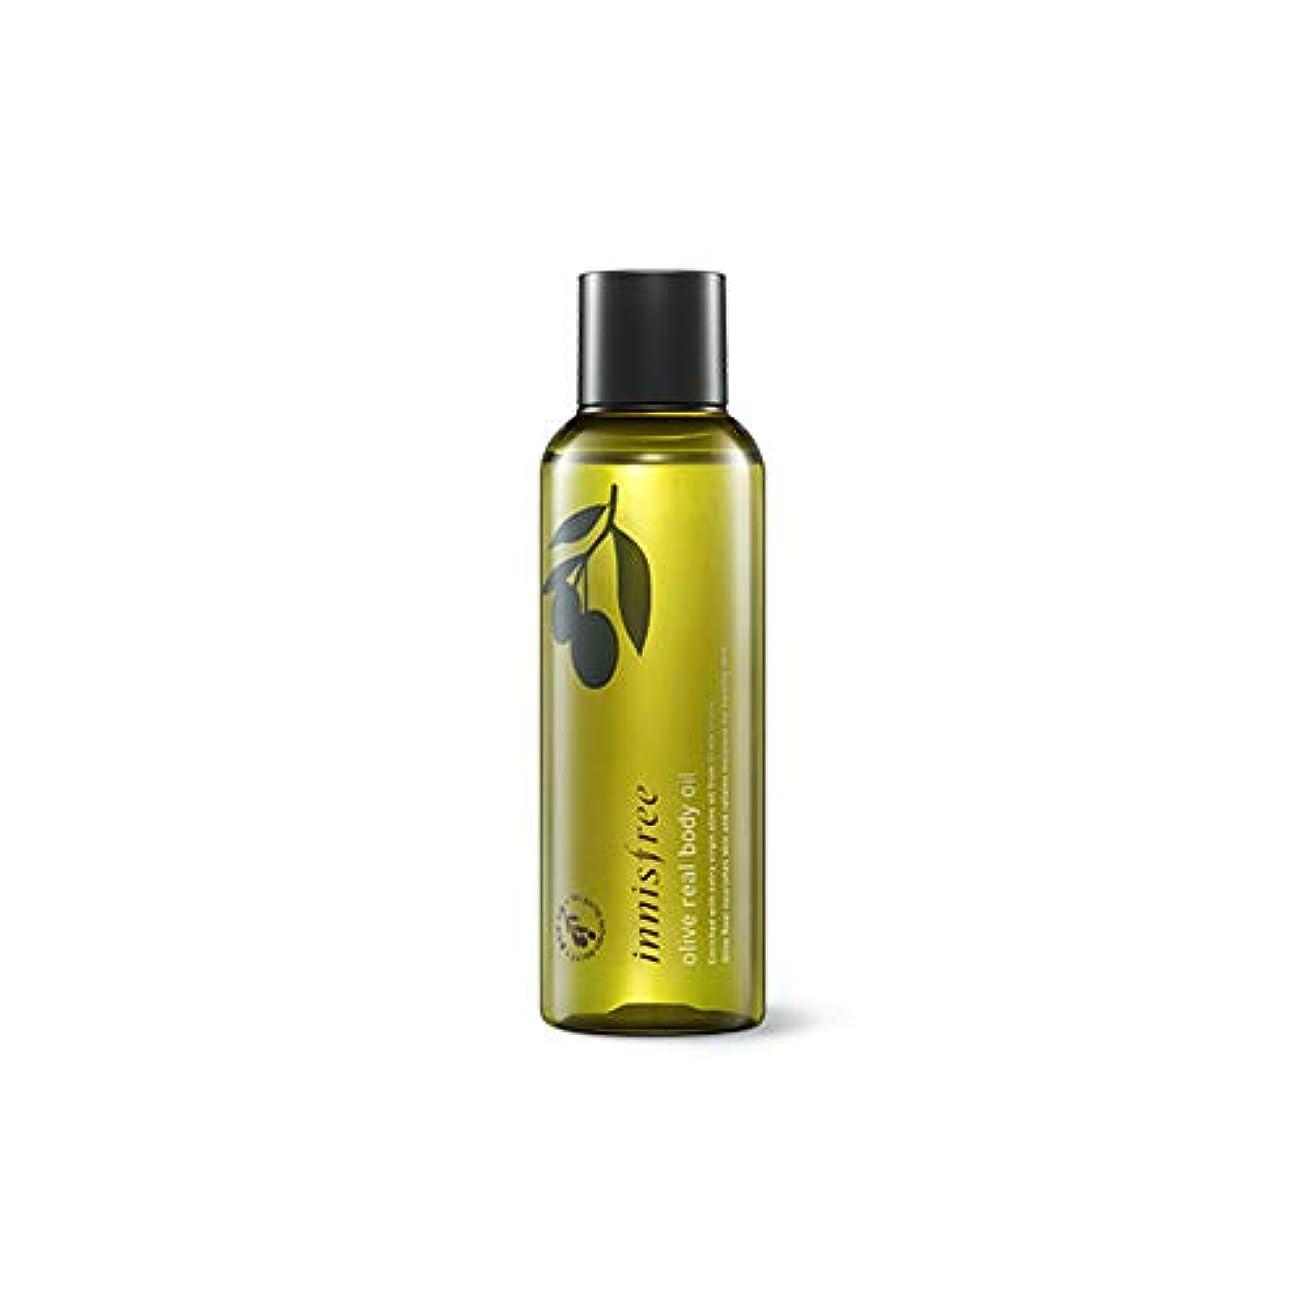 海上知覚できる舌イニスフリー Innisfree オリーブリアルボディーオイル(150ml) Innisfree Olive Real Body Oil(150ml) [海外直送品]